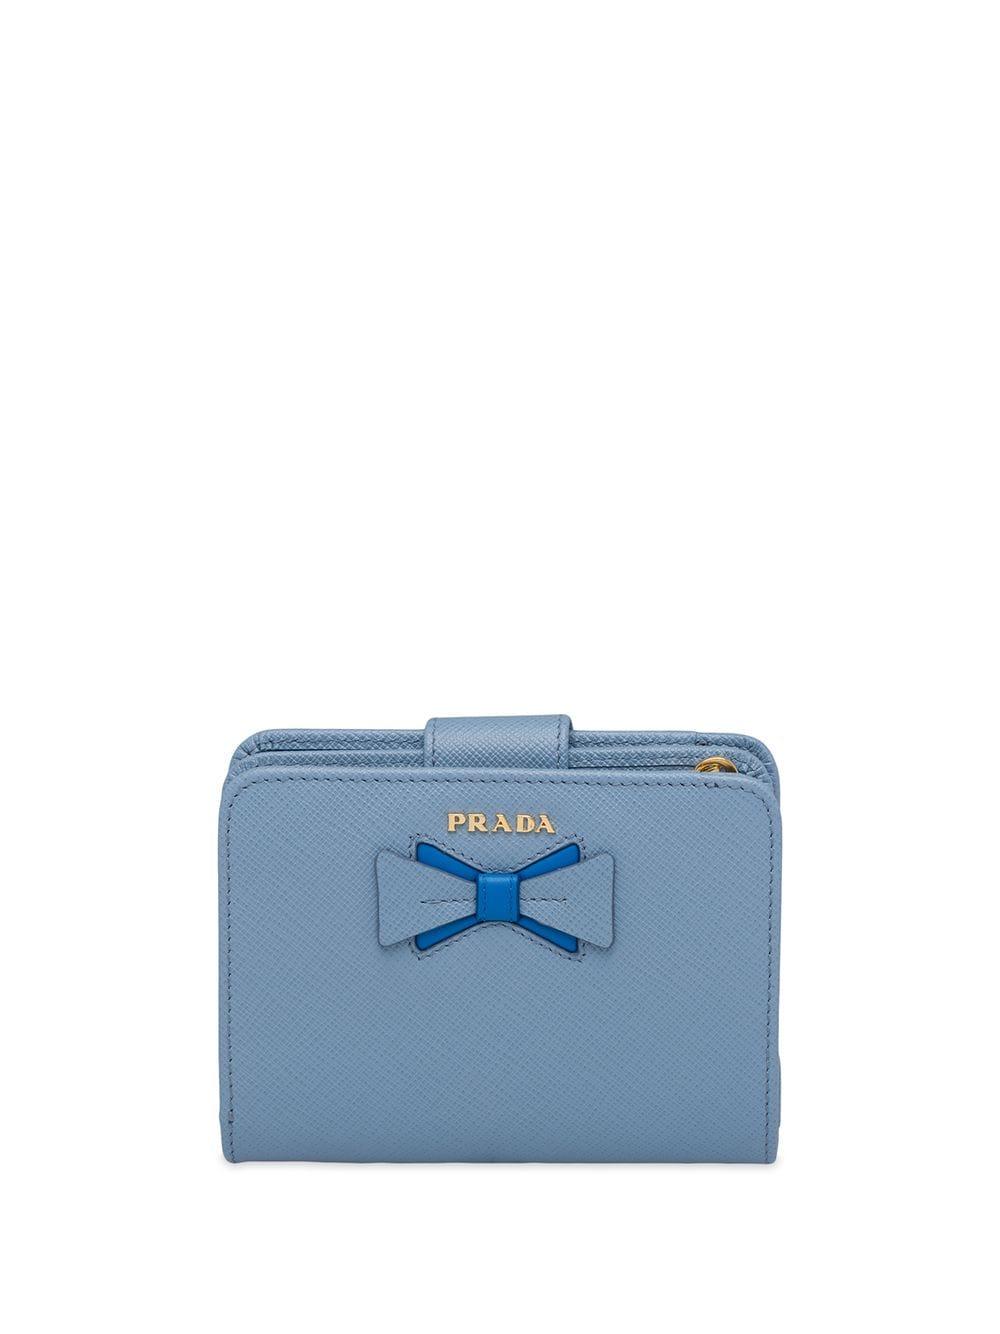 Prada Saffiano-Portemonnaie - Blau